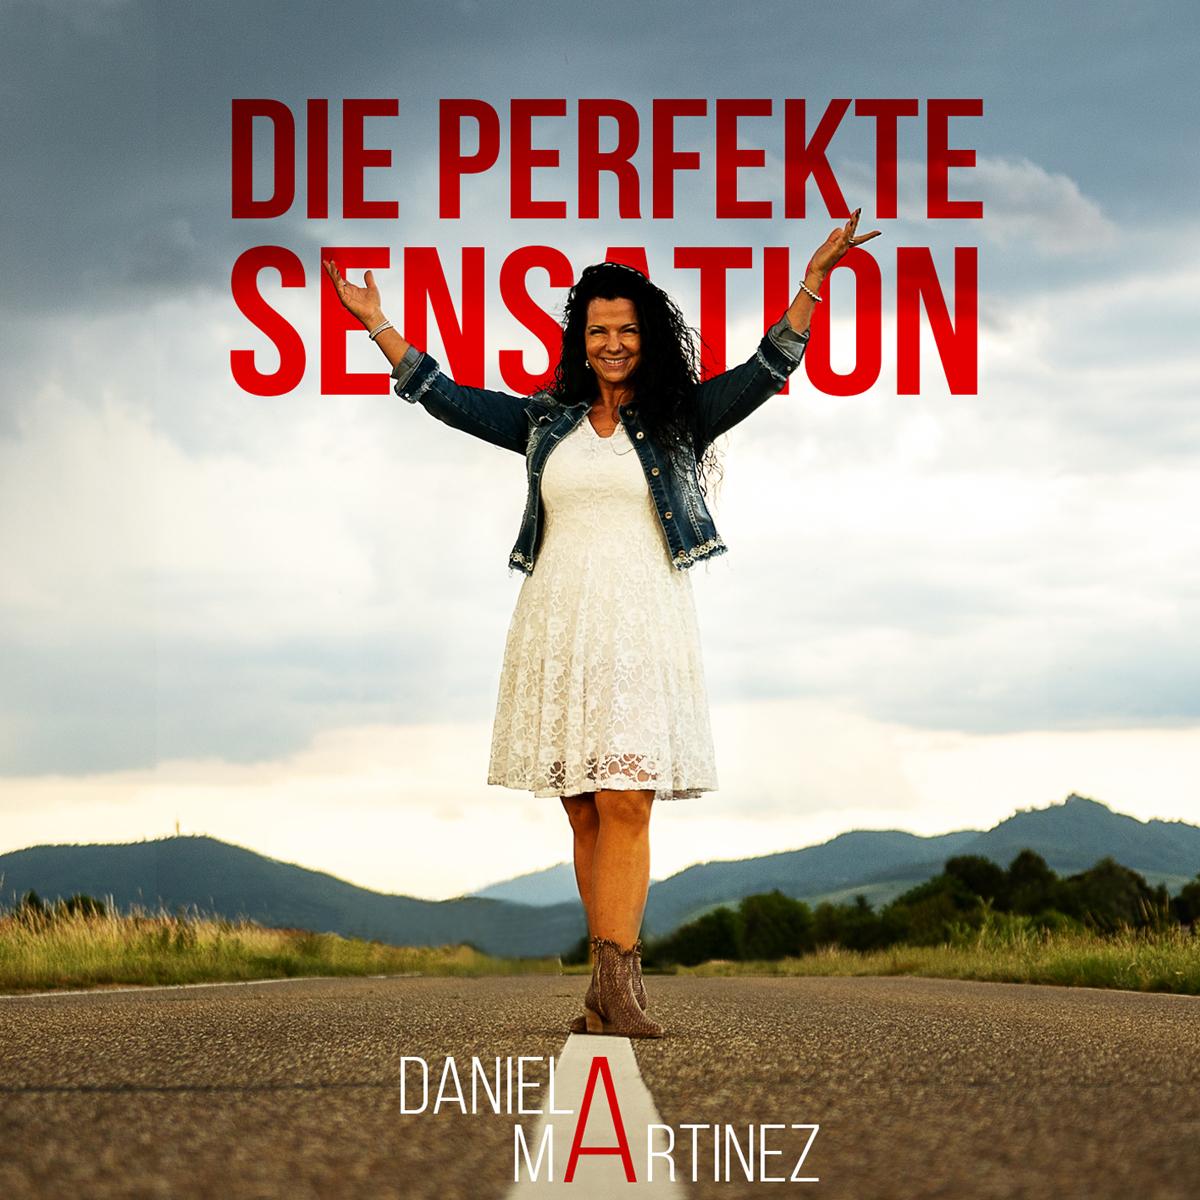 DANIELA MARTINEZ * Die perfekte Sensation (Single und Videoclip) * Der Videoclip wurde von dem 16-jährigen Carlo Böhler für  BC – Boehler Consulting produziert